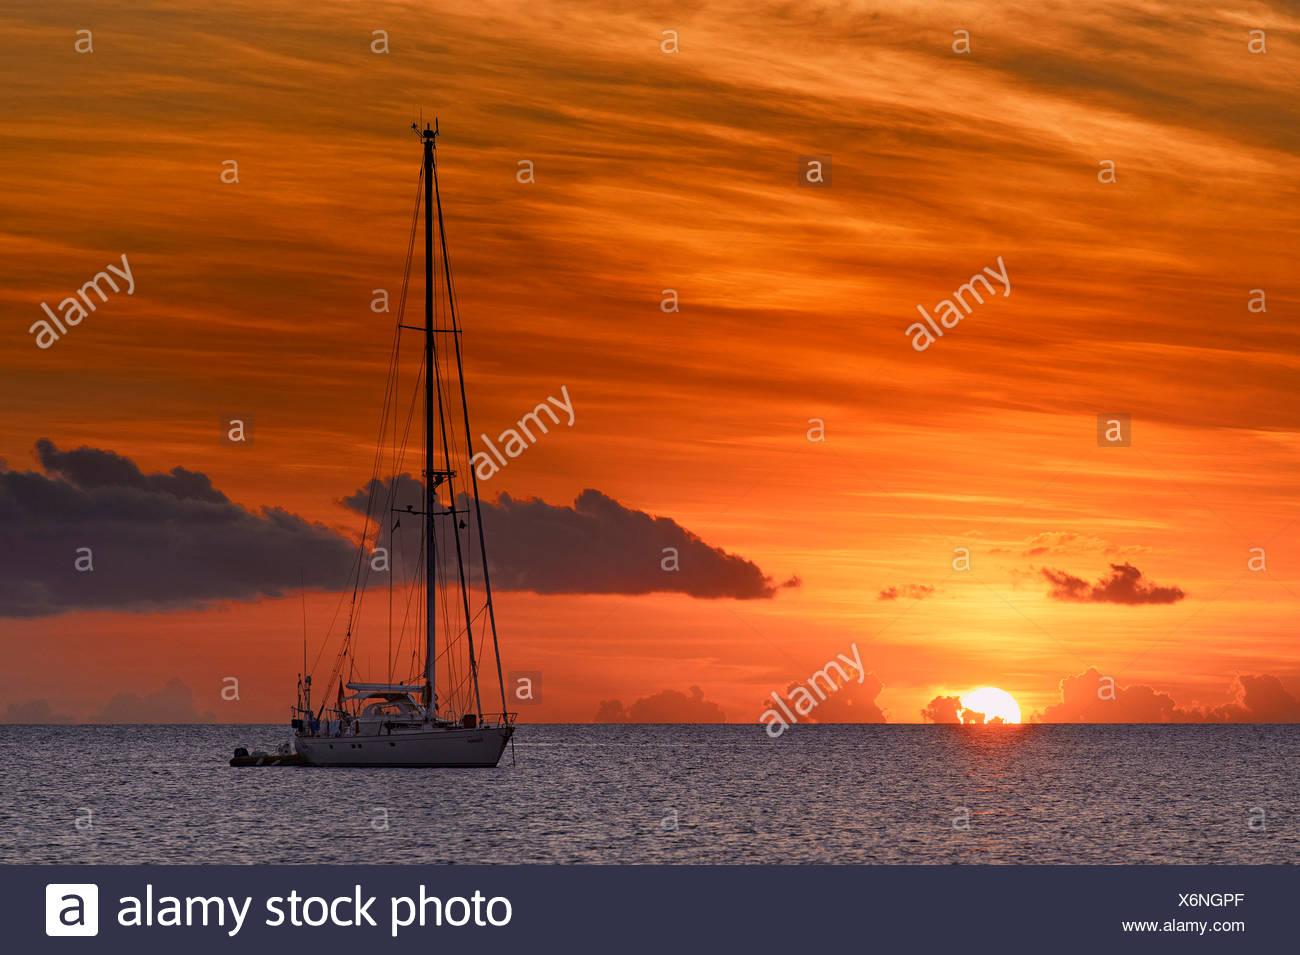 Segelboot im Sonnenuntergang, St. Lucia, Grenadinen, Karibik, Saint Lucia Stockbild